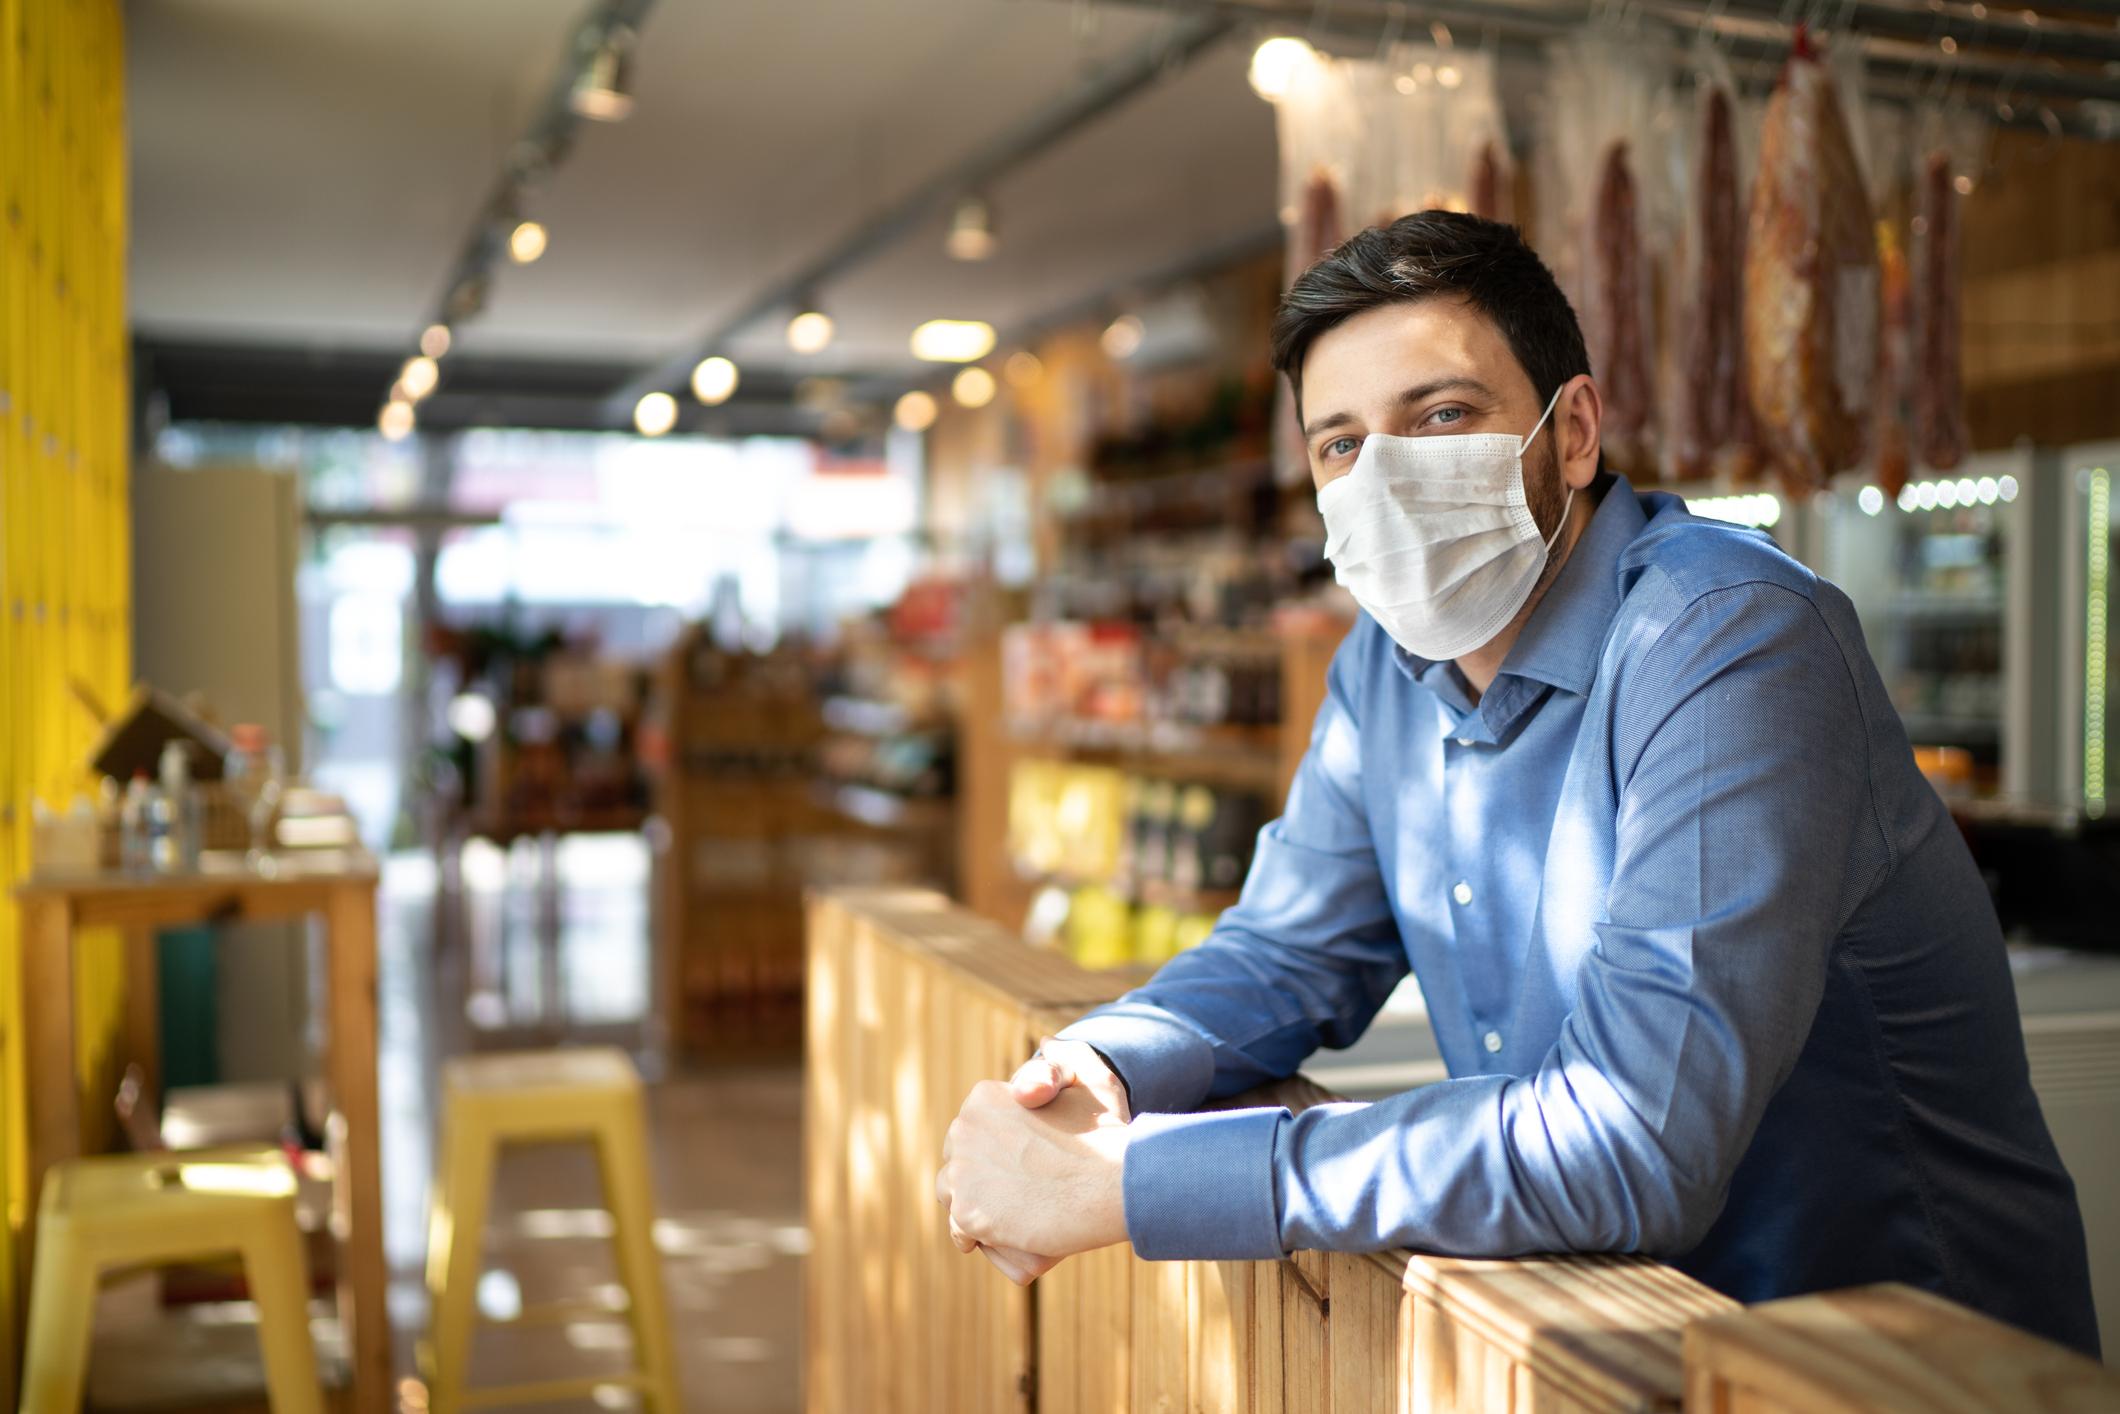 comment le chef d'entreprise peut-il protéger ses salariés du risque infectieux et quelles sont ses obligations ?